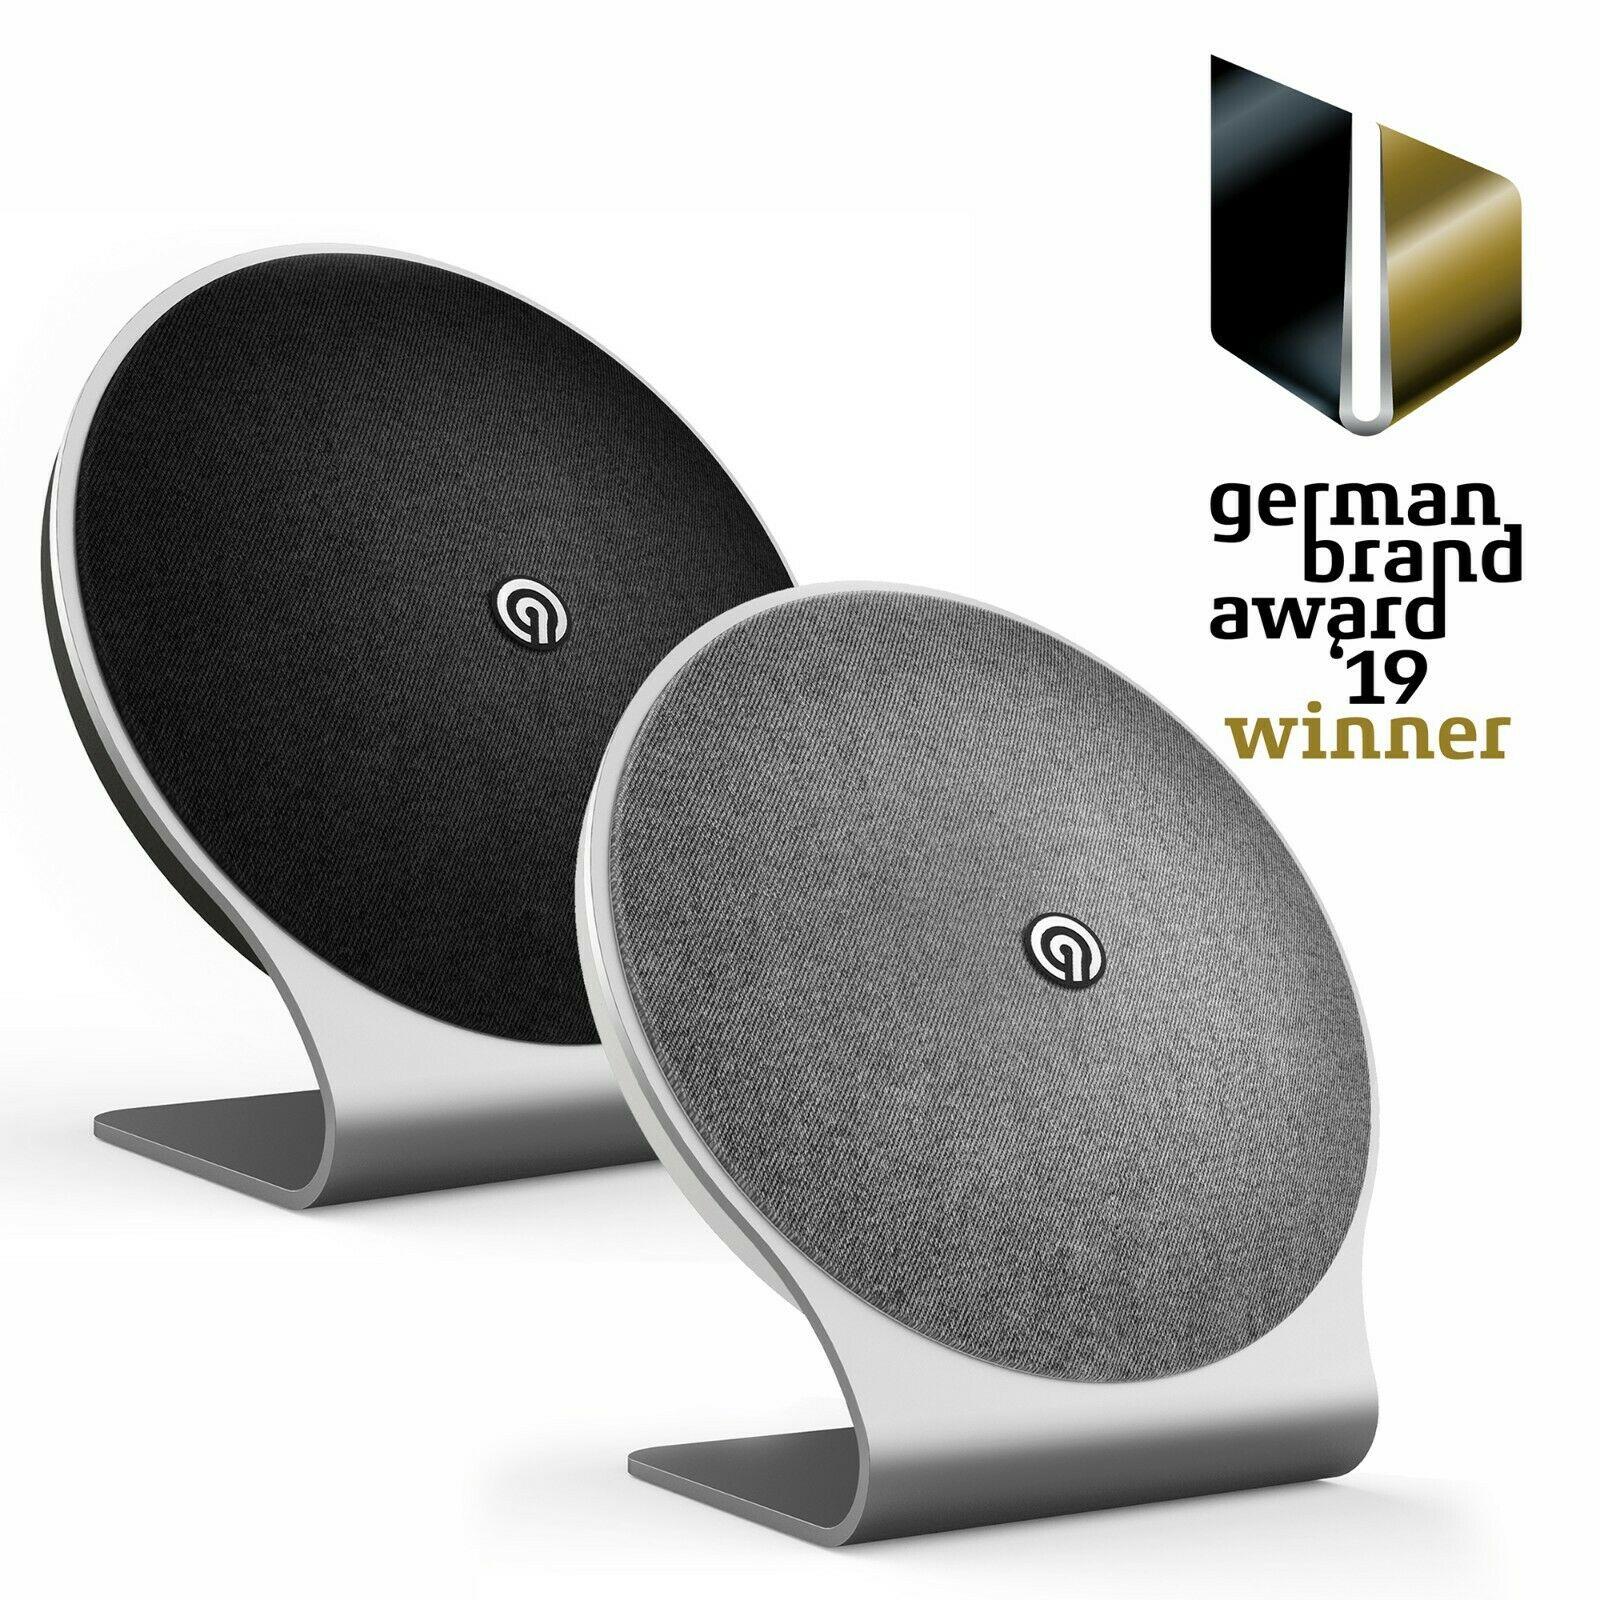 Bild zu Ninetec Kosmo Bluetooth Lautsprecher für 49,99€ (Vergleich: 79,99€)